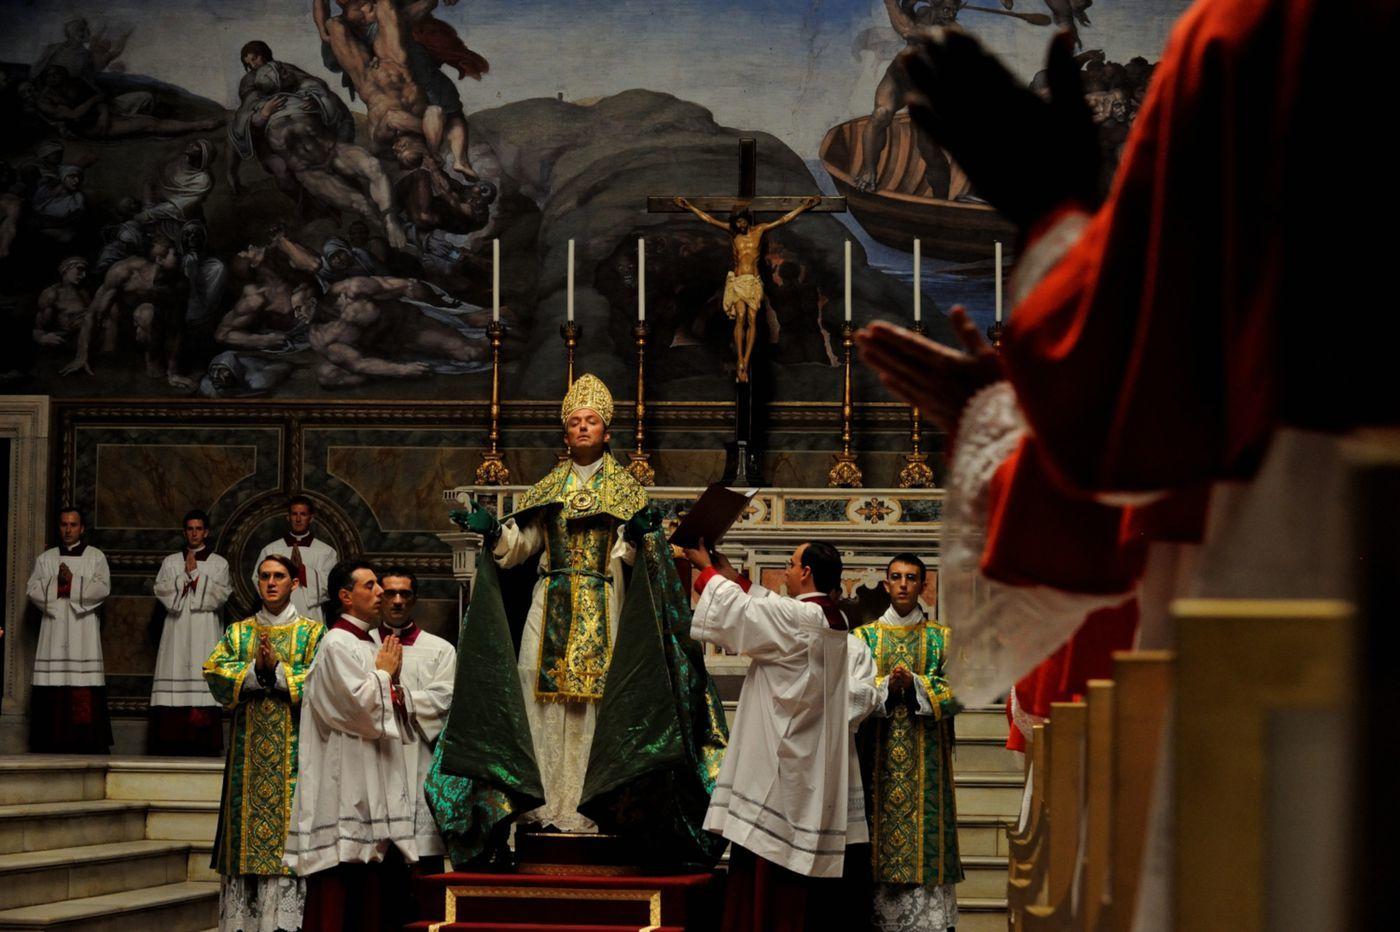 La serie The Young Pope te permitirá ver tanto el Vaticano como el interior de la Capilla Sixtina.